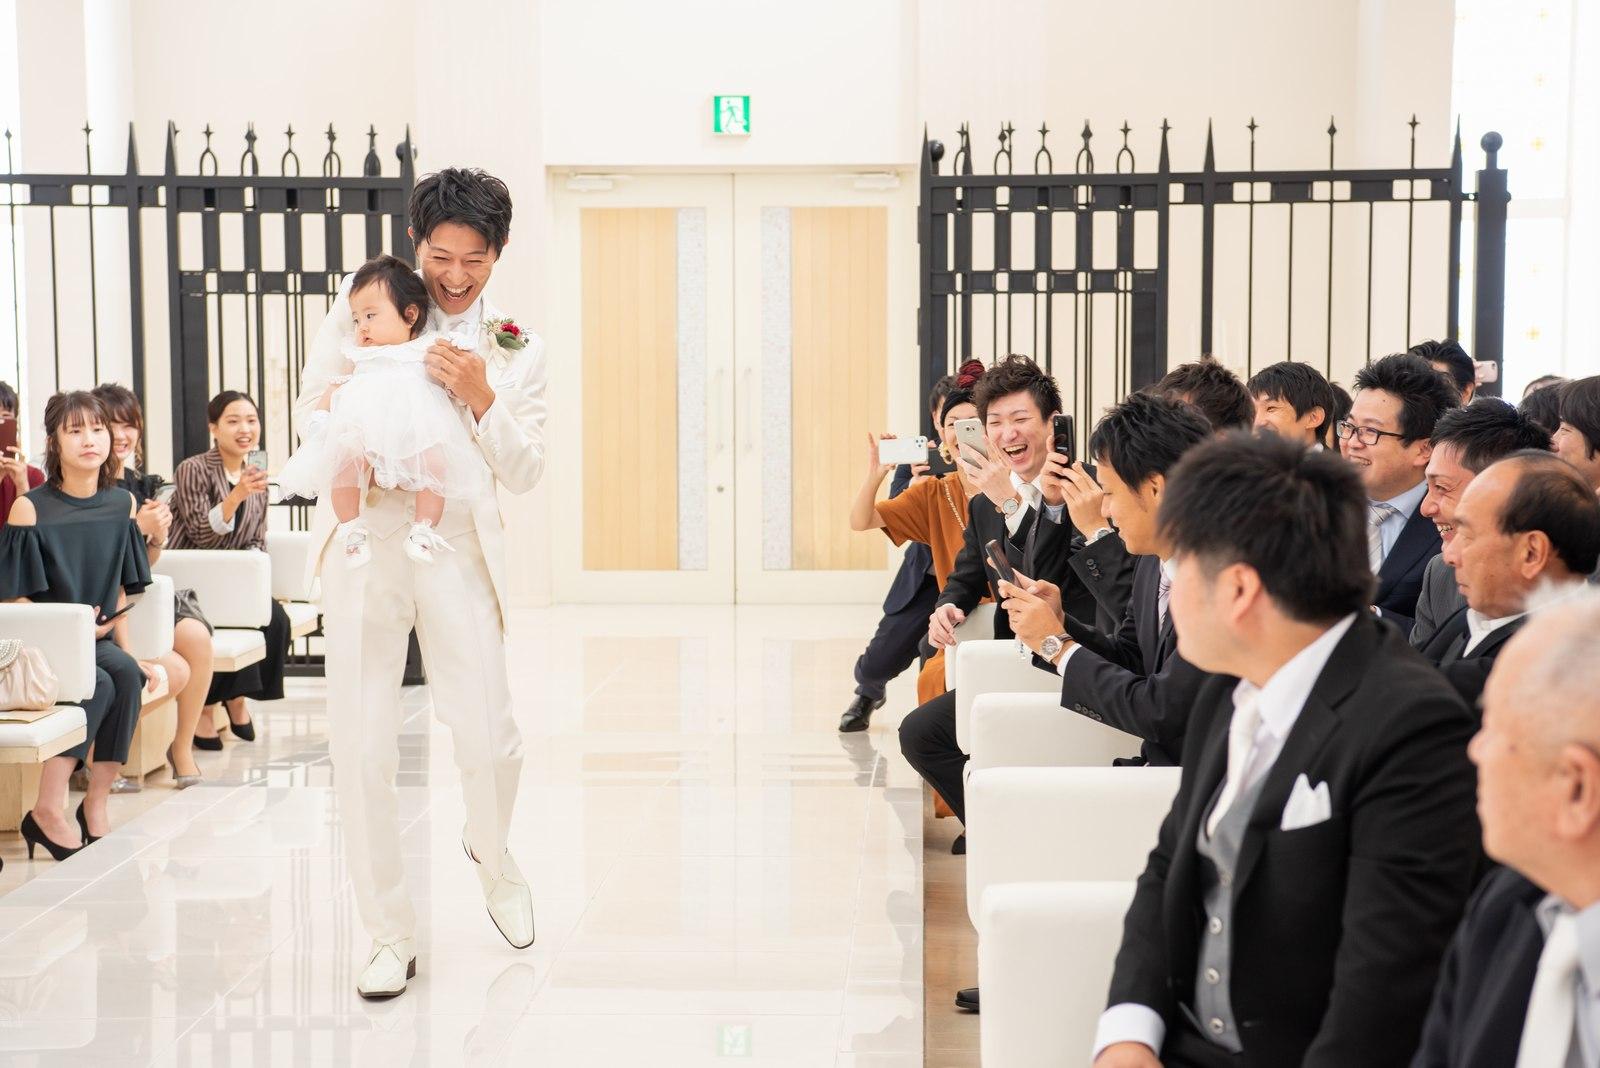 徳島市の結婚式場ブランアンジュで子どもを抱きながらチャペル入場する新郎